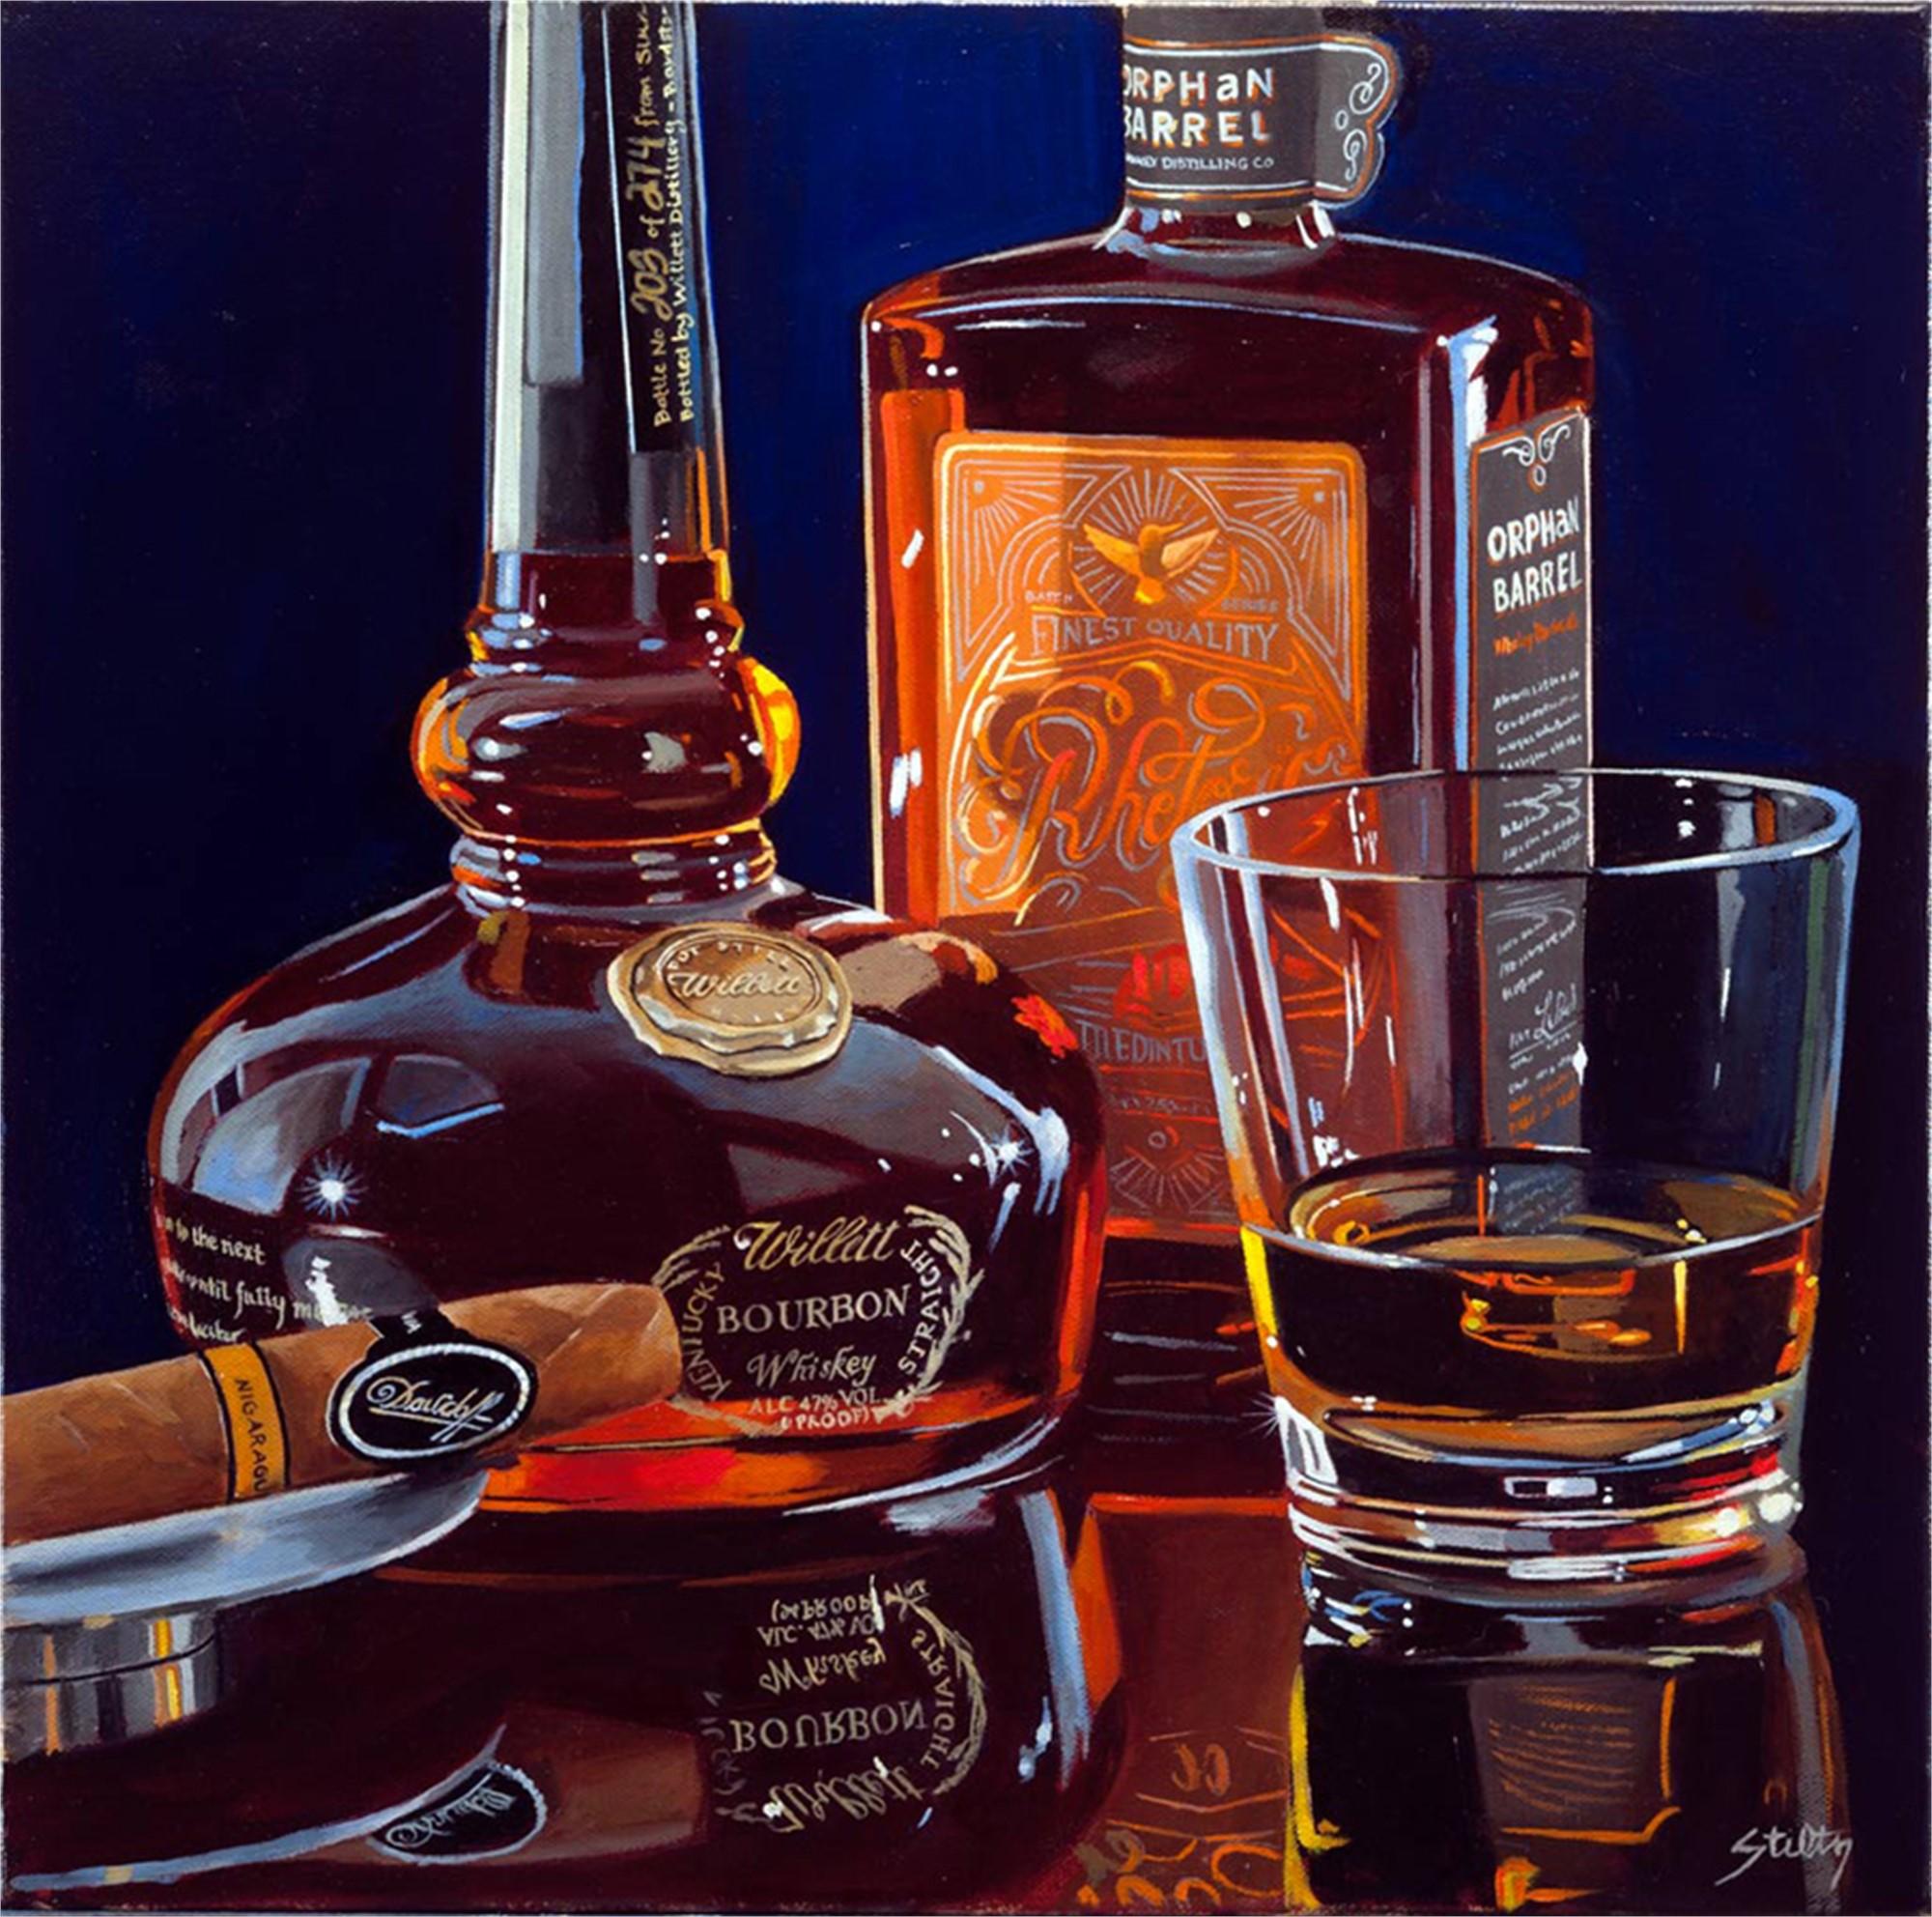 Cheers, 2016 by Tom Stiltz